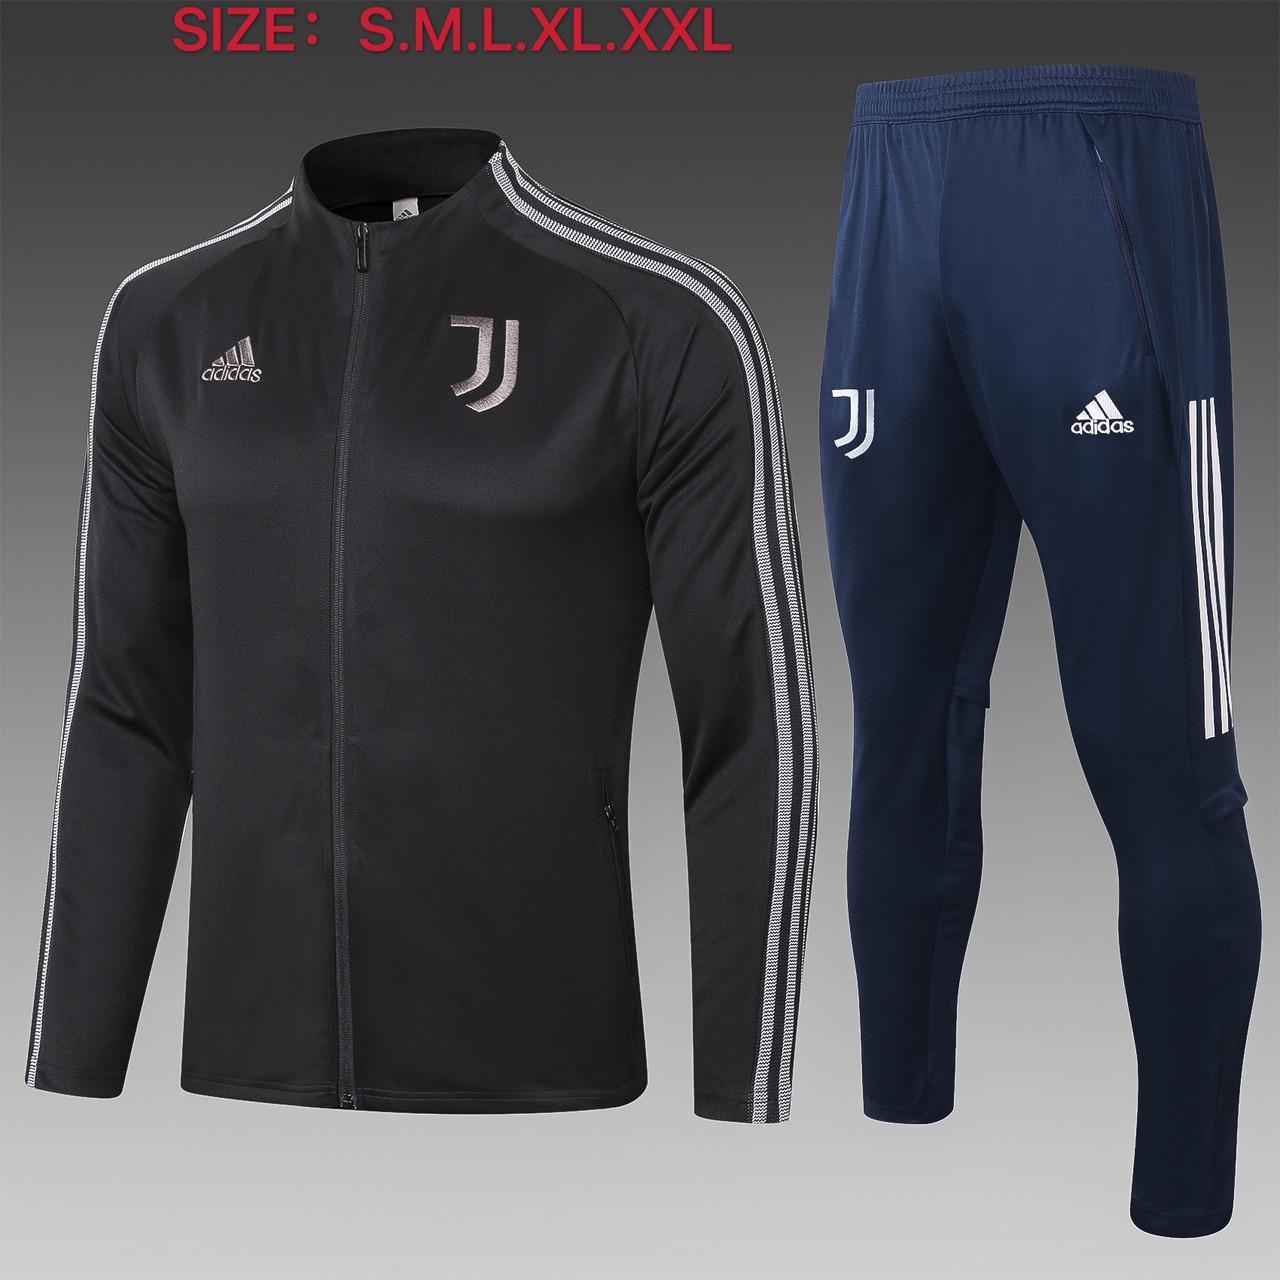 Спортивный тренировочный костюм Ювентус Juventus (3 цвета) 2020-21